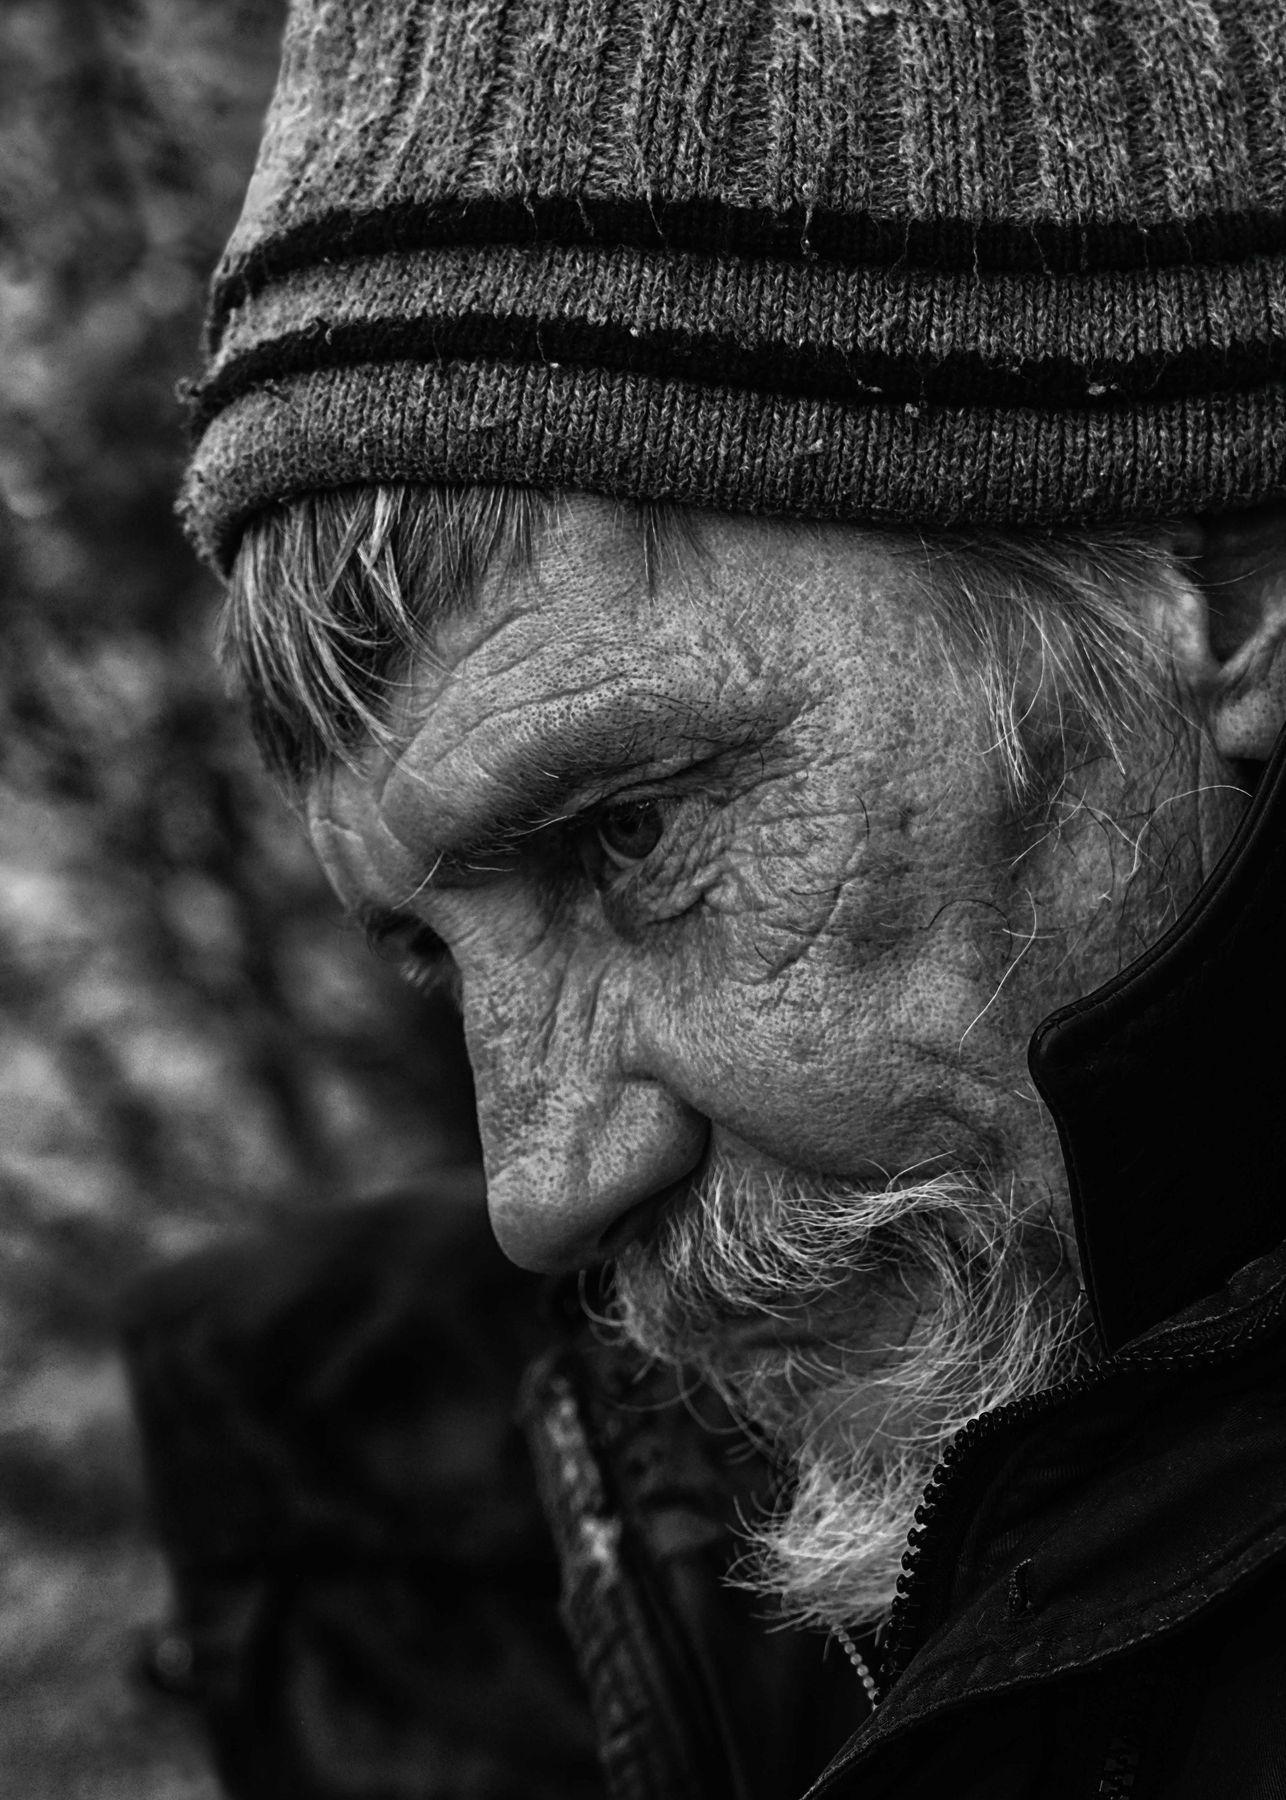 Дитхард живущий на улице... Бездомные люди..